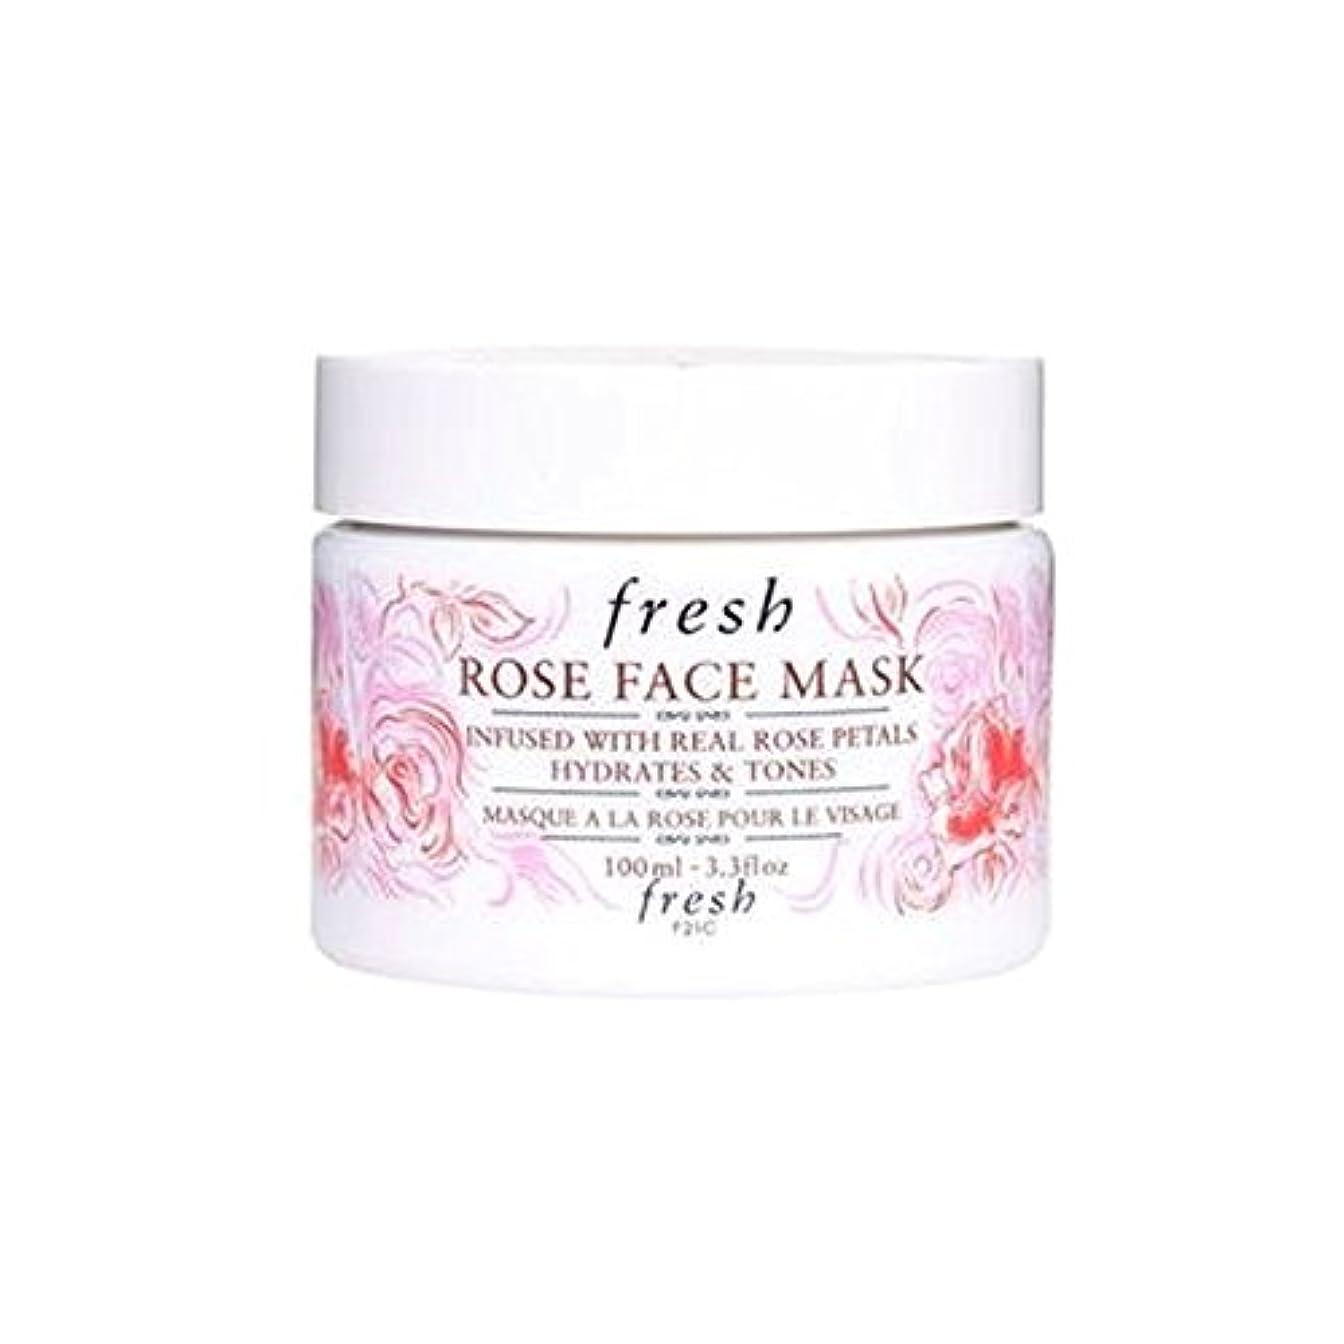 兄思われる語Fresh (フレッシュ) 15周年記念限定版 Rose Face Mask ローズフェイスマスク-, 100ml /3.3 fl.oz [並行輸入品] [海外直送品]